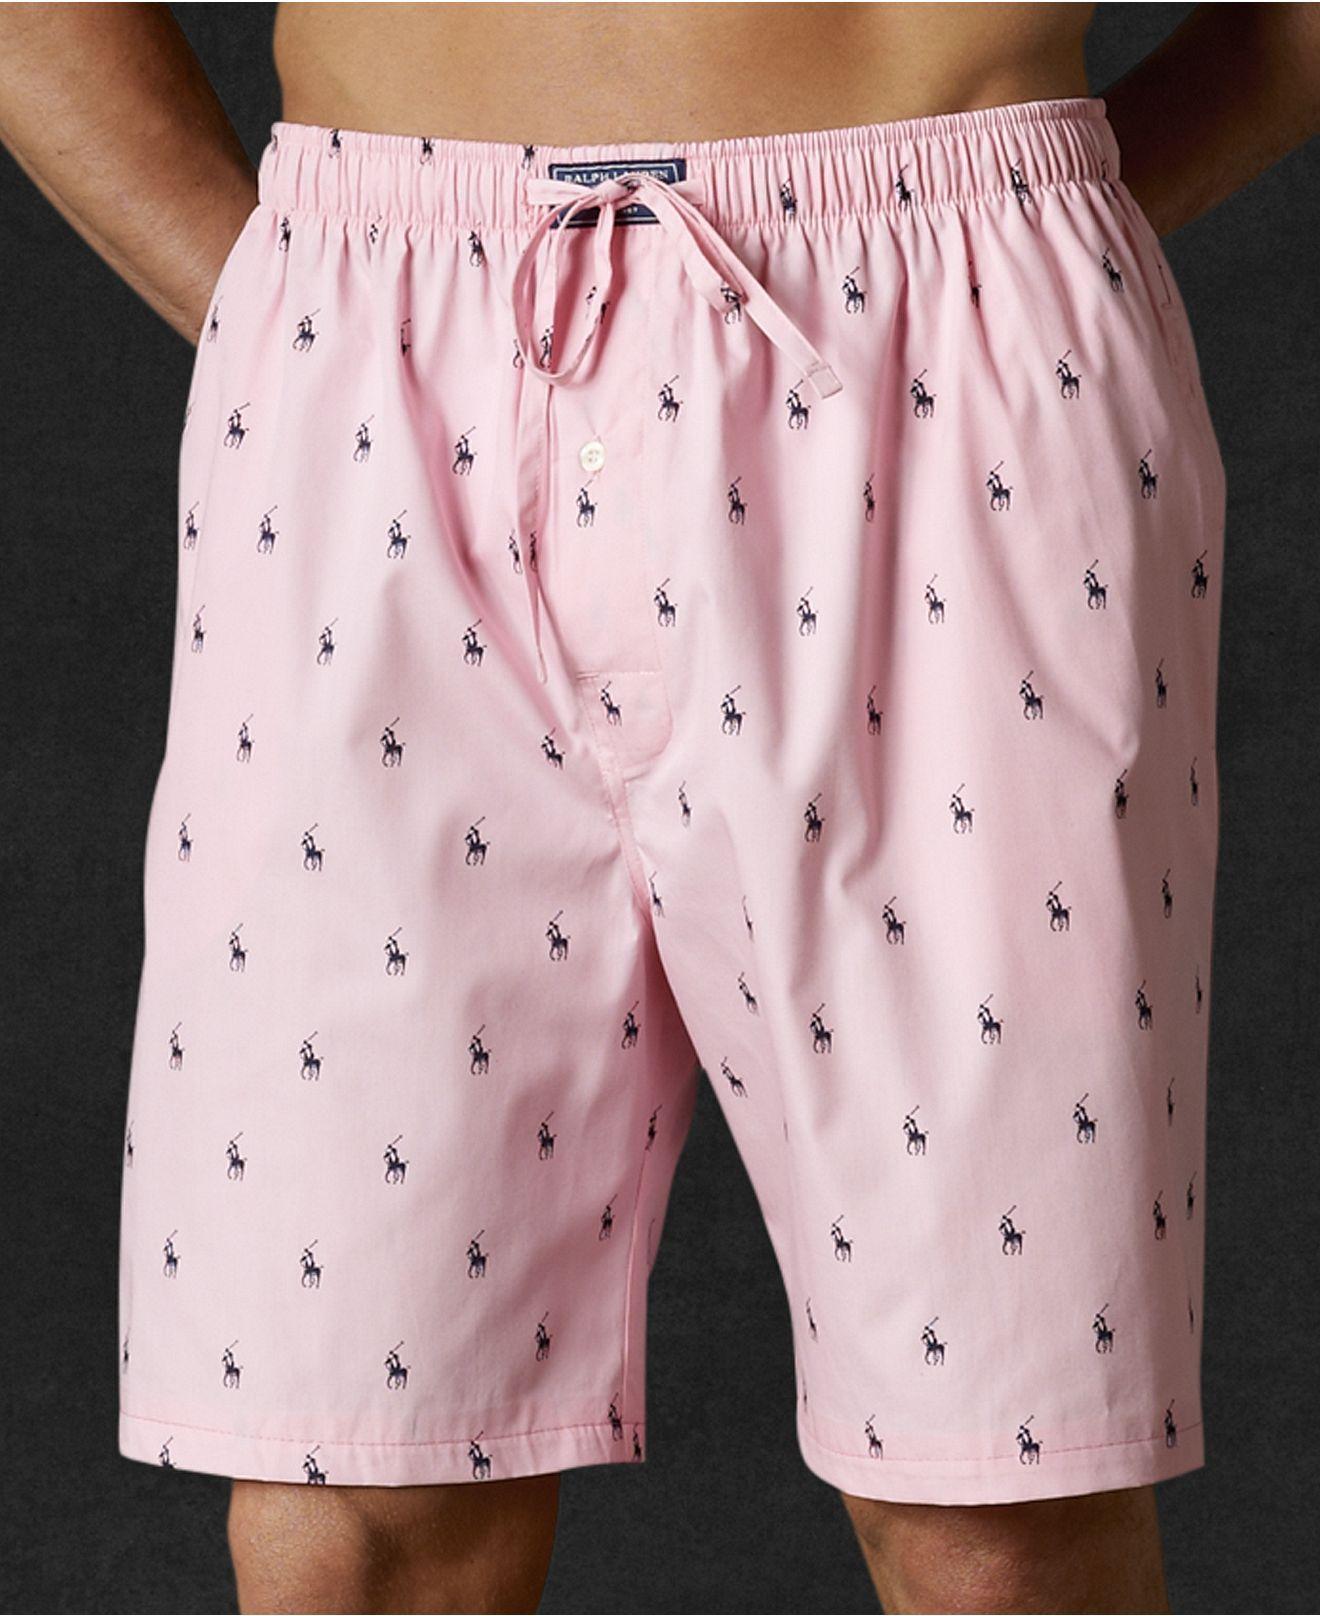 fe3febe0b94 Polo Ralph Lauren Sleepwear